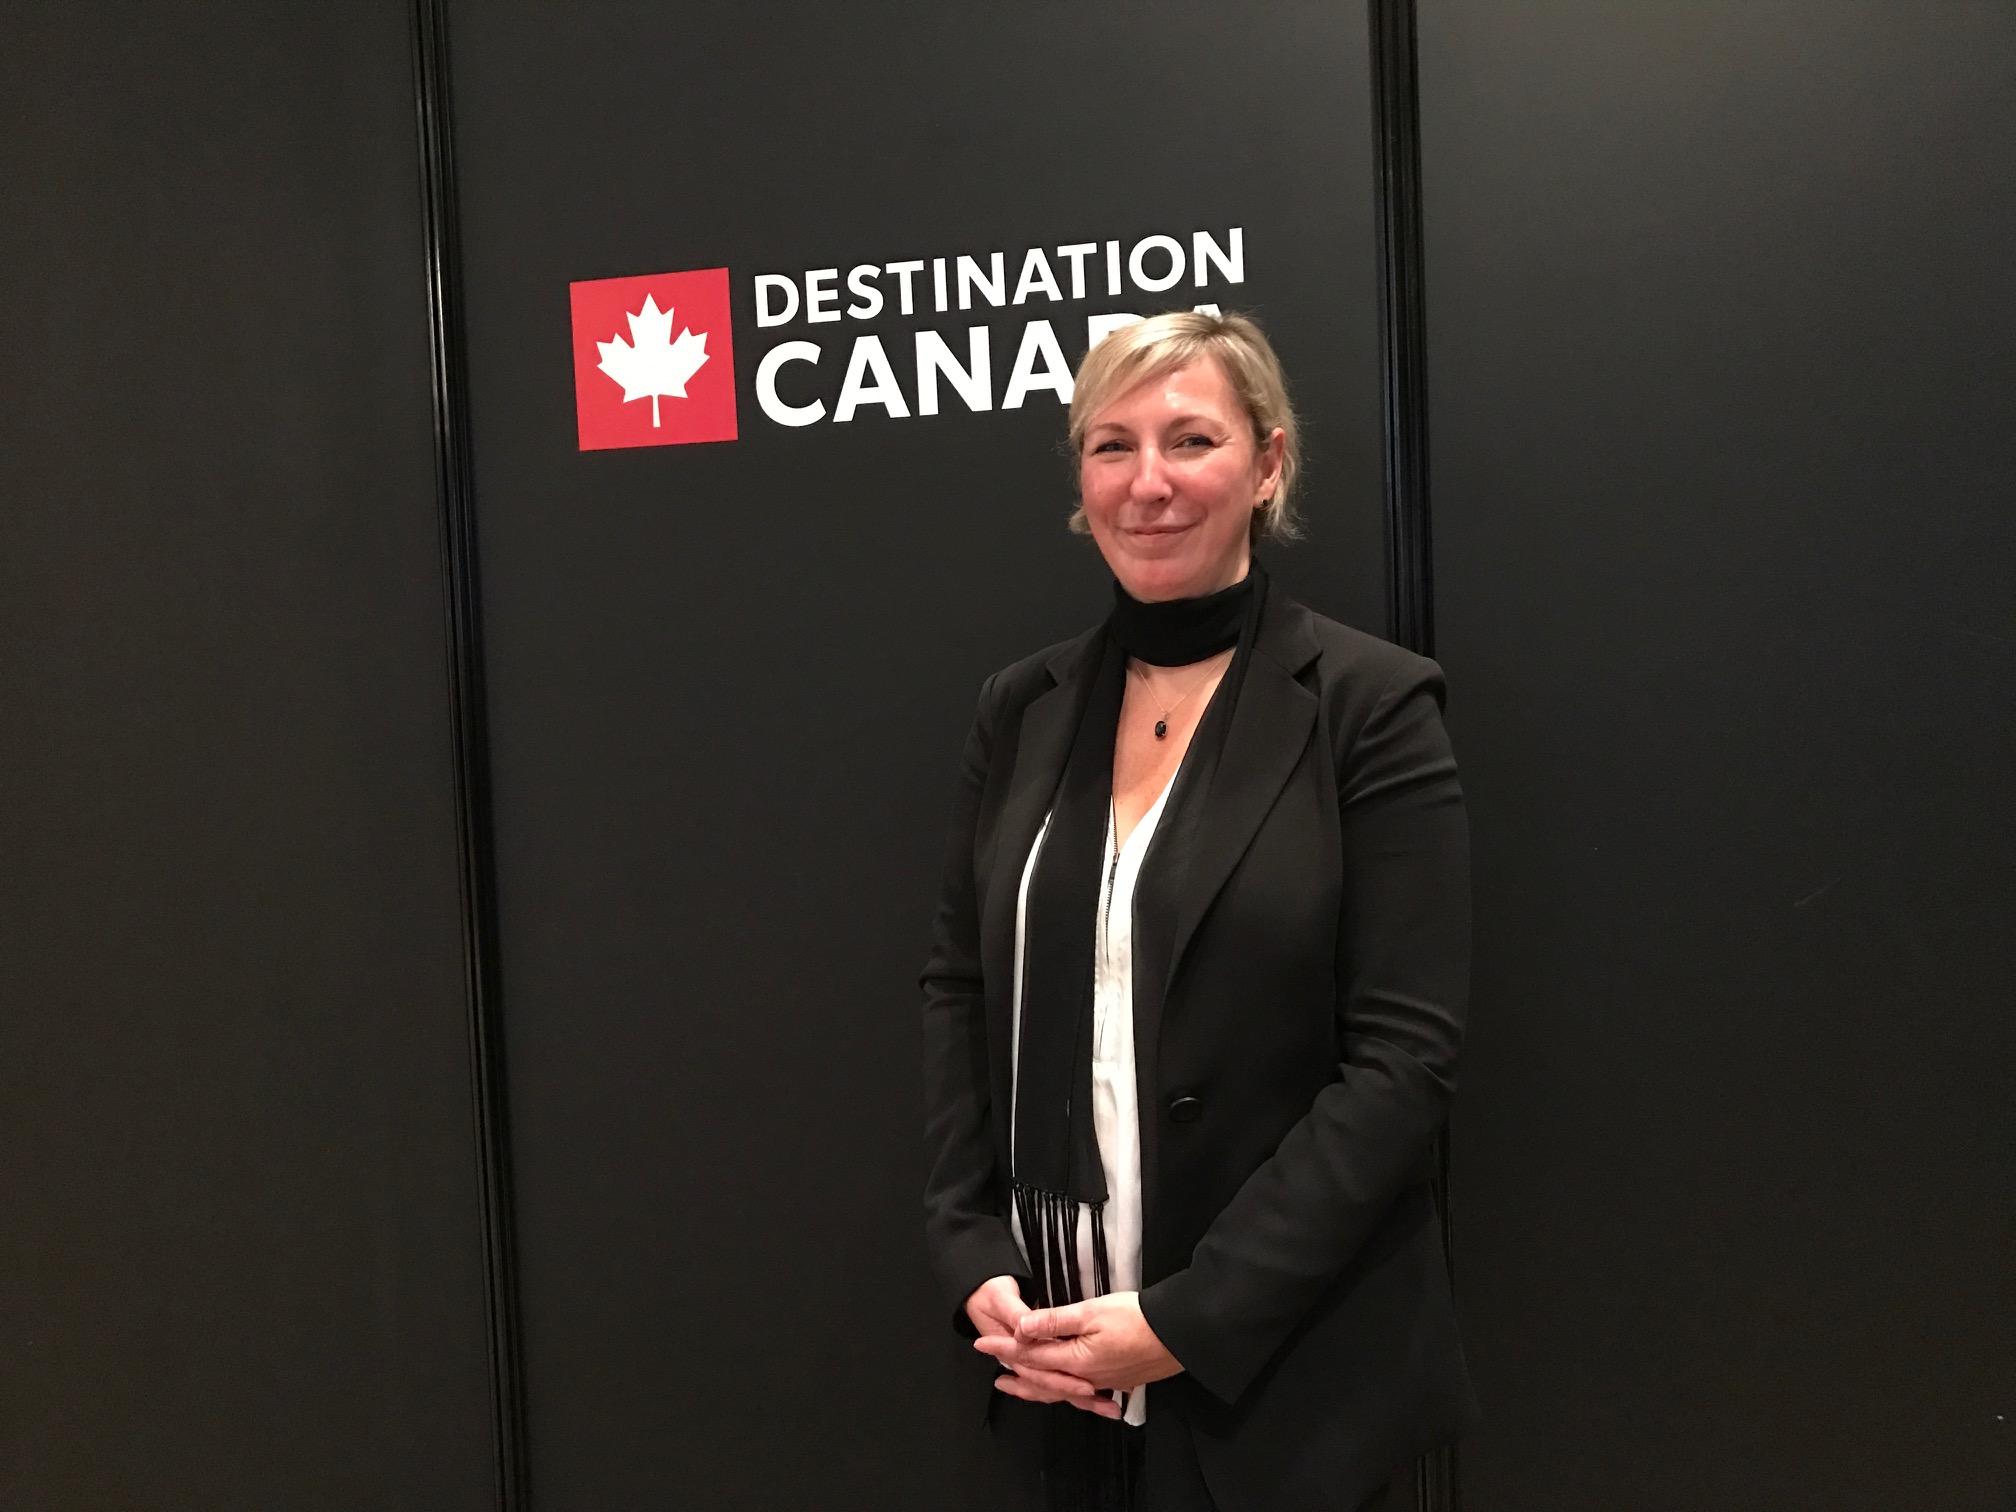 カナダ観光局、インスタ映えする「体験」をアピールへ、日本発ツアーの開発も【動画】